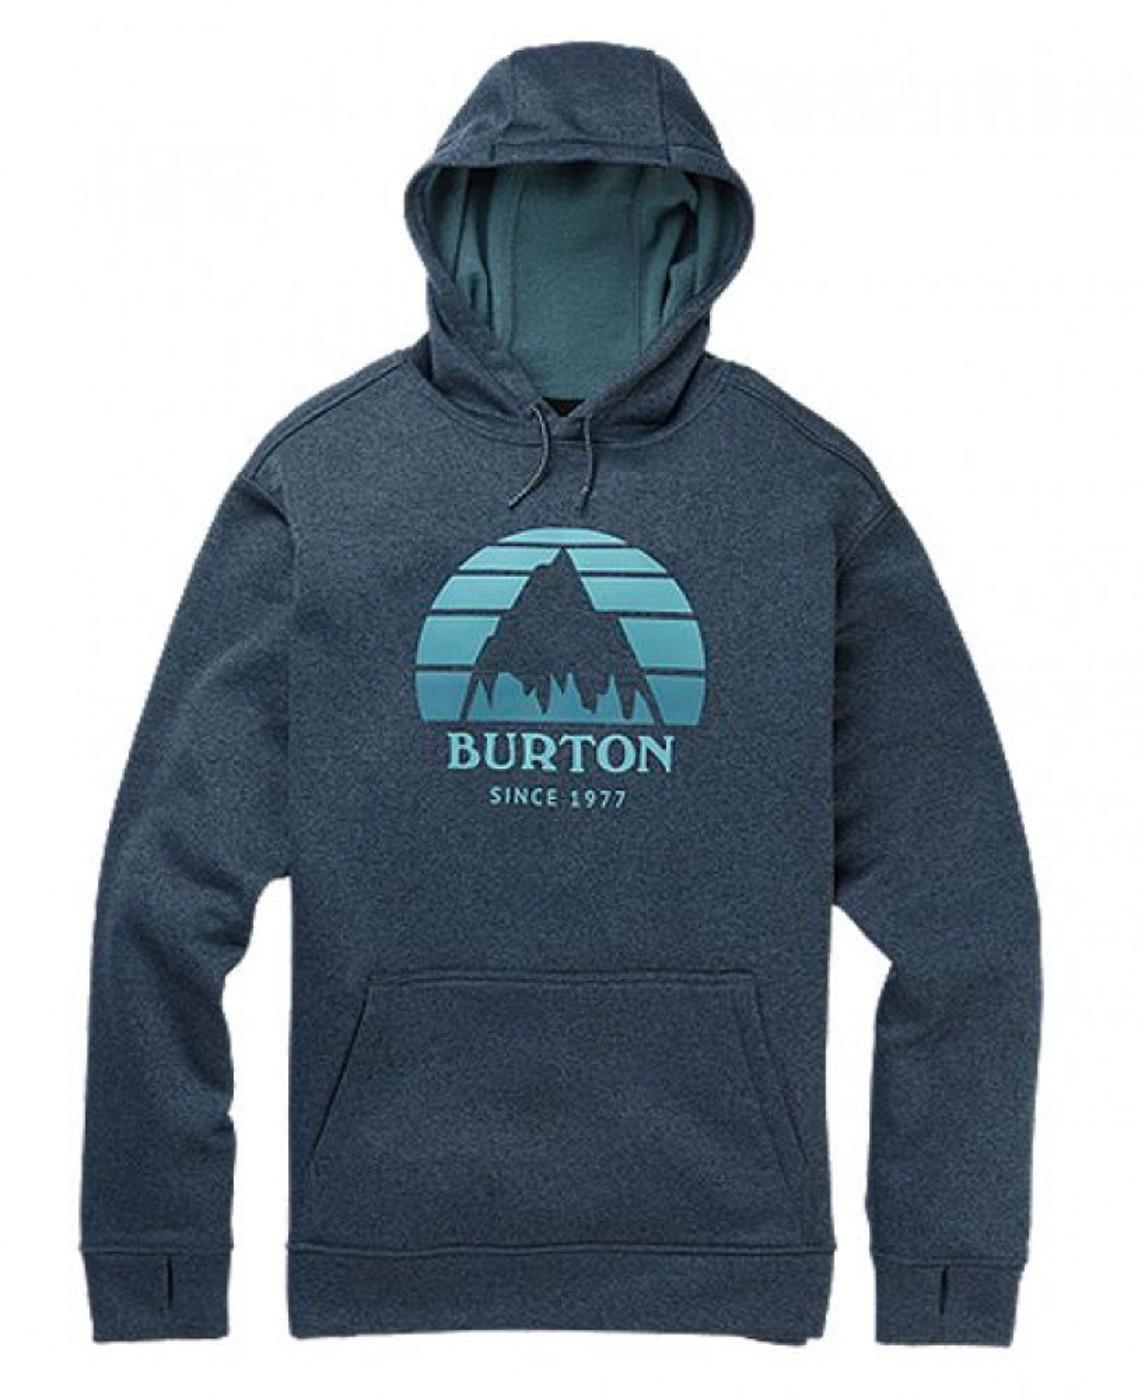 Oak Pullover BURTON - Herren